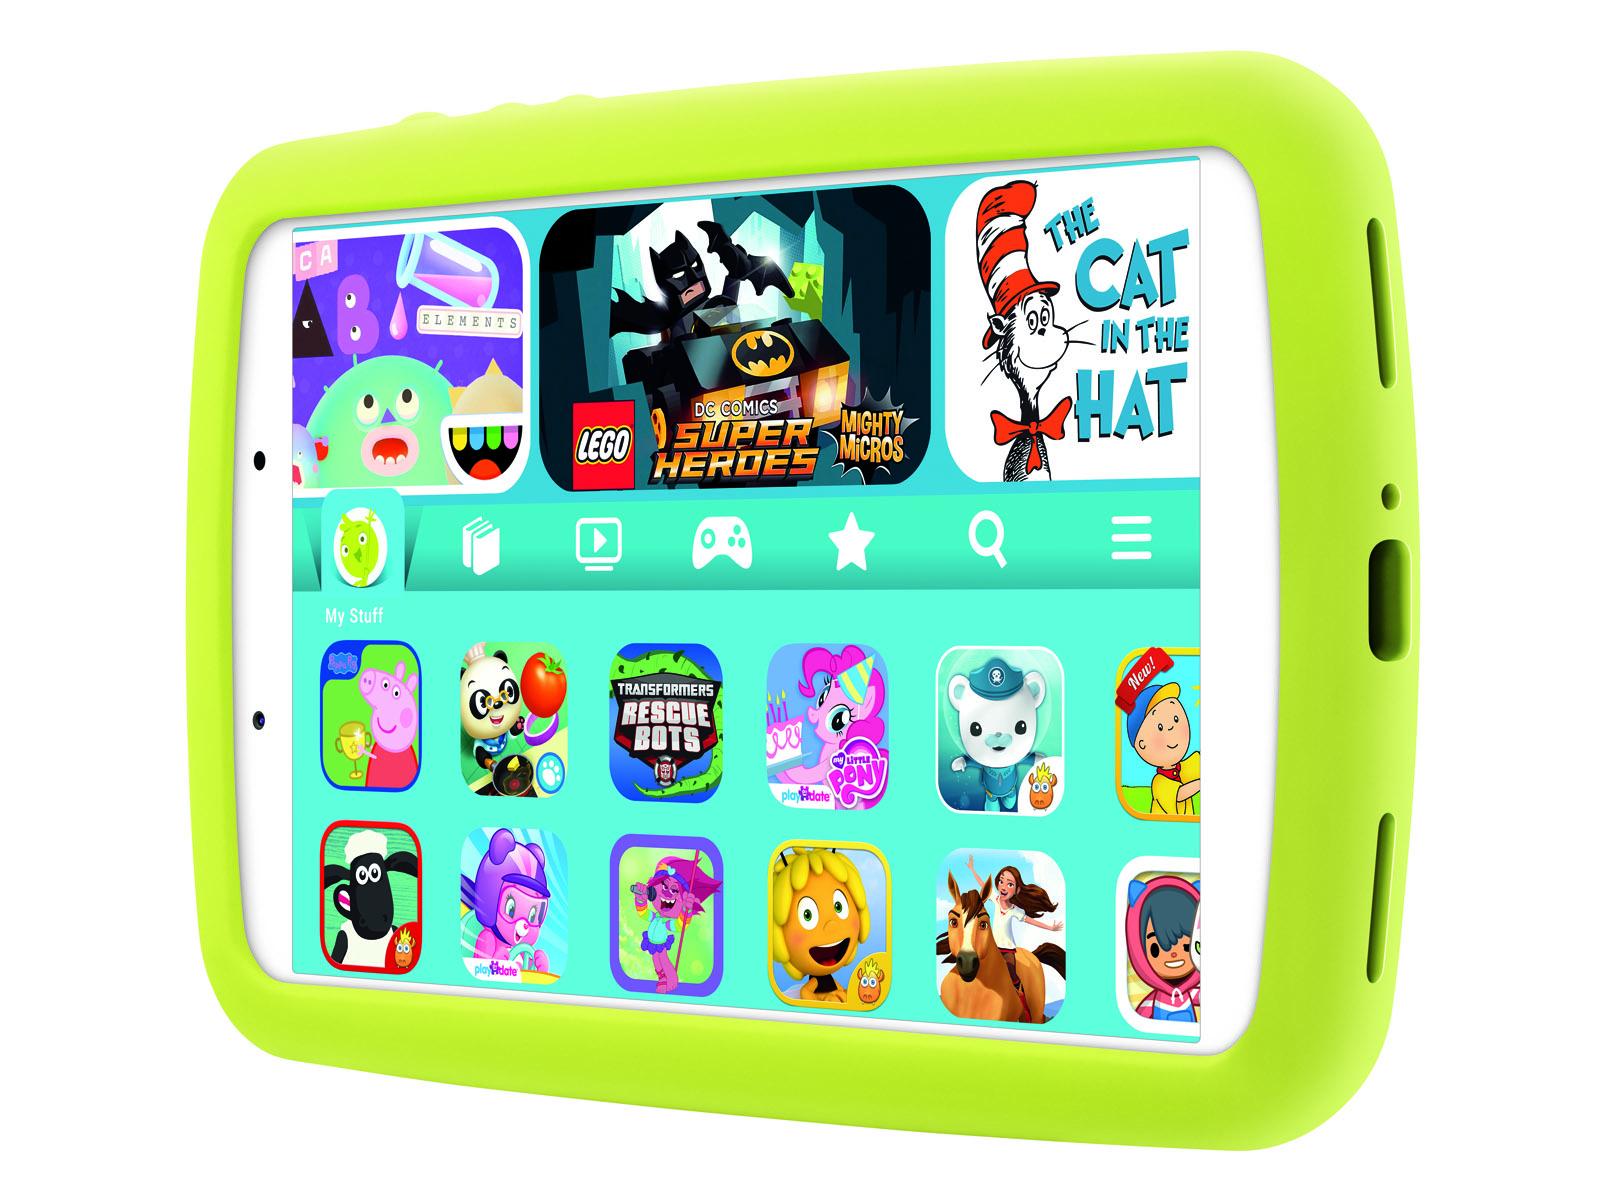 Galaxy Tab A 8.0 Kids Edition